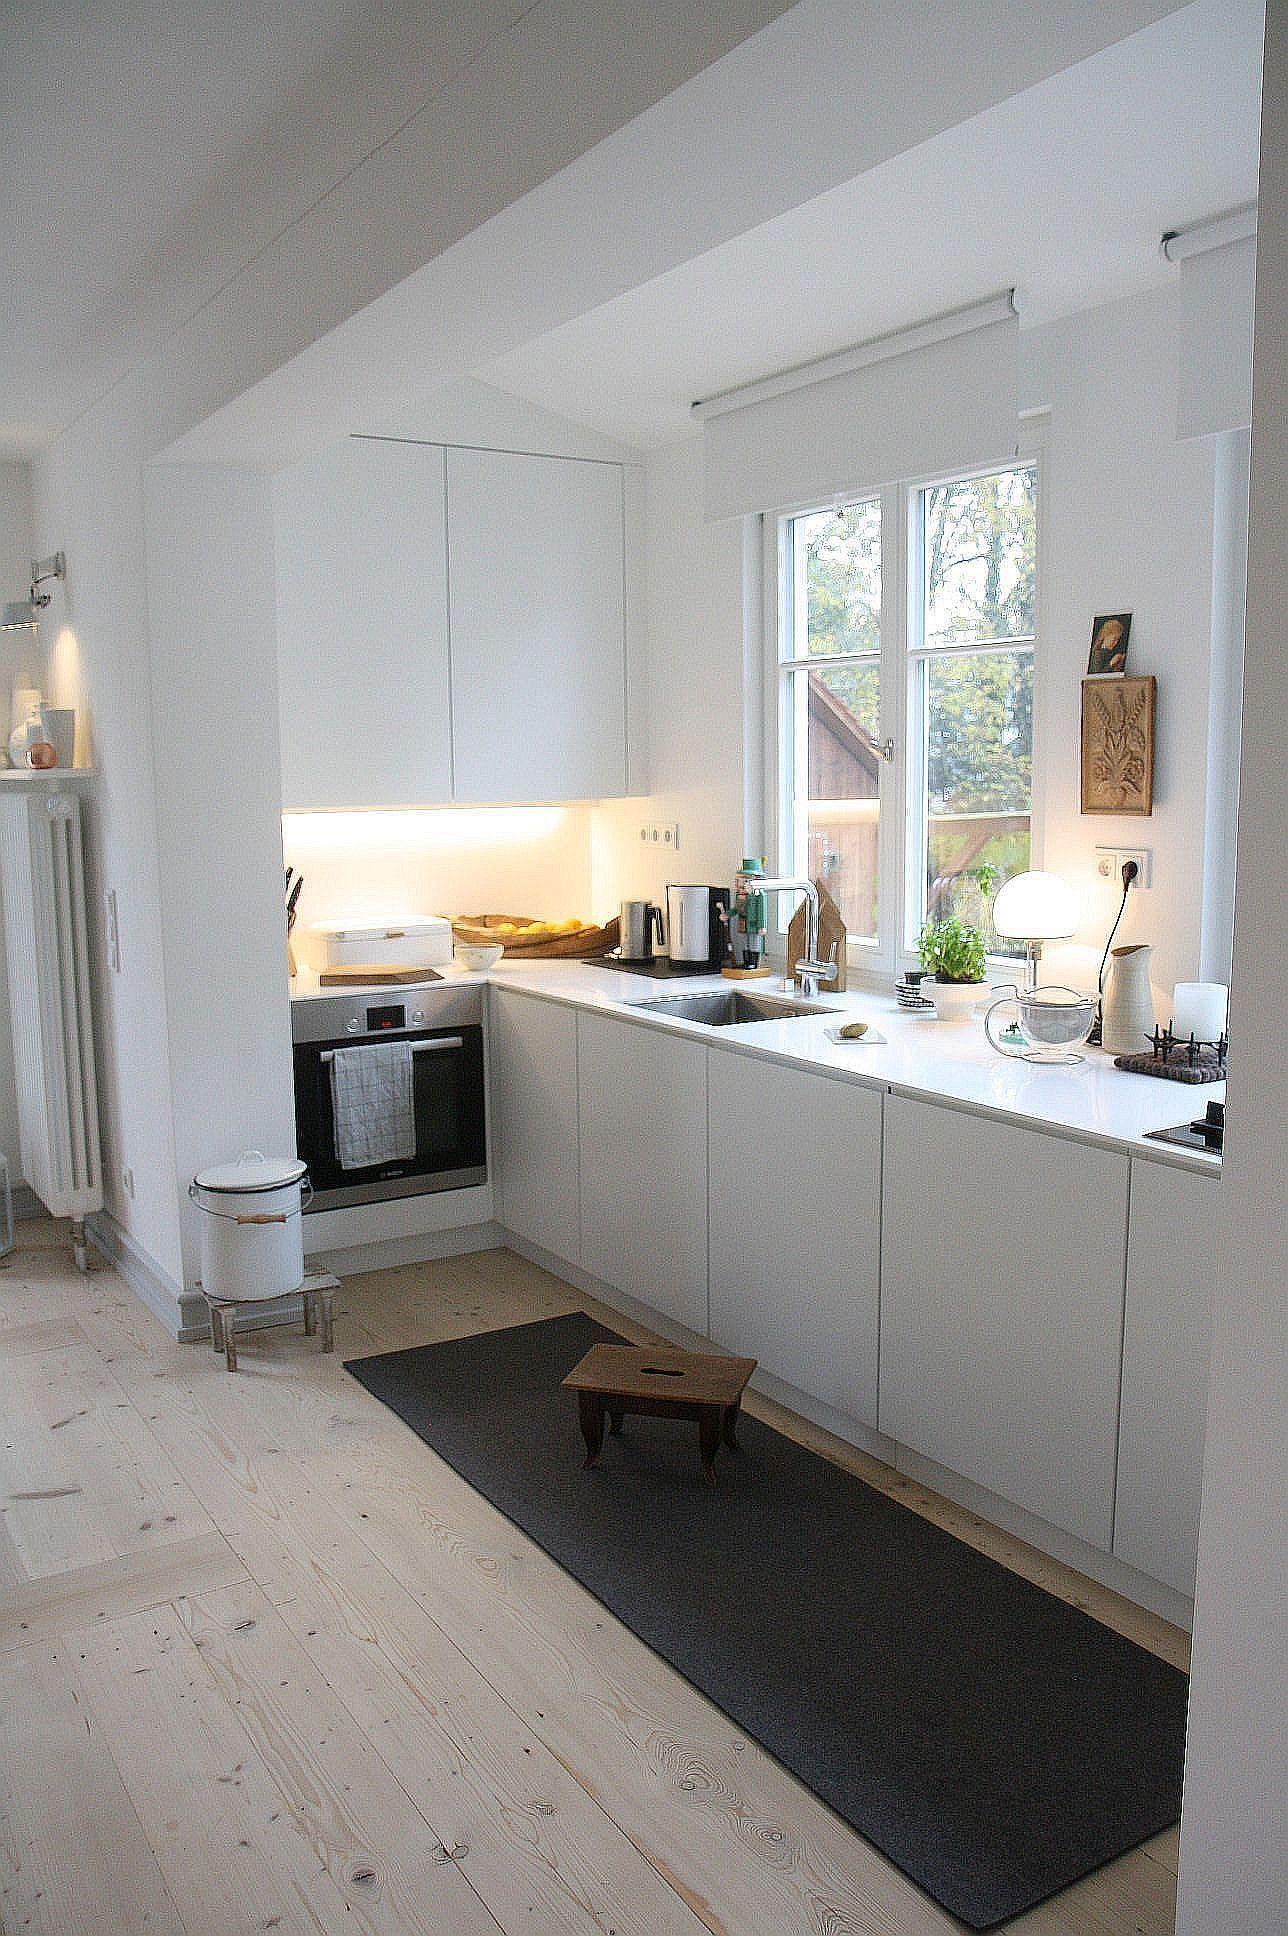 Einbauküche planen: Ideen und Tipps!